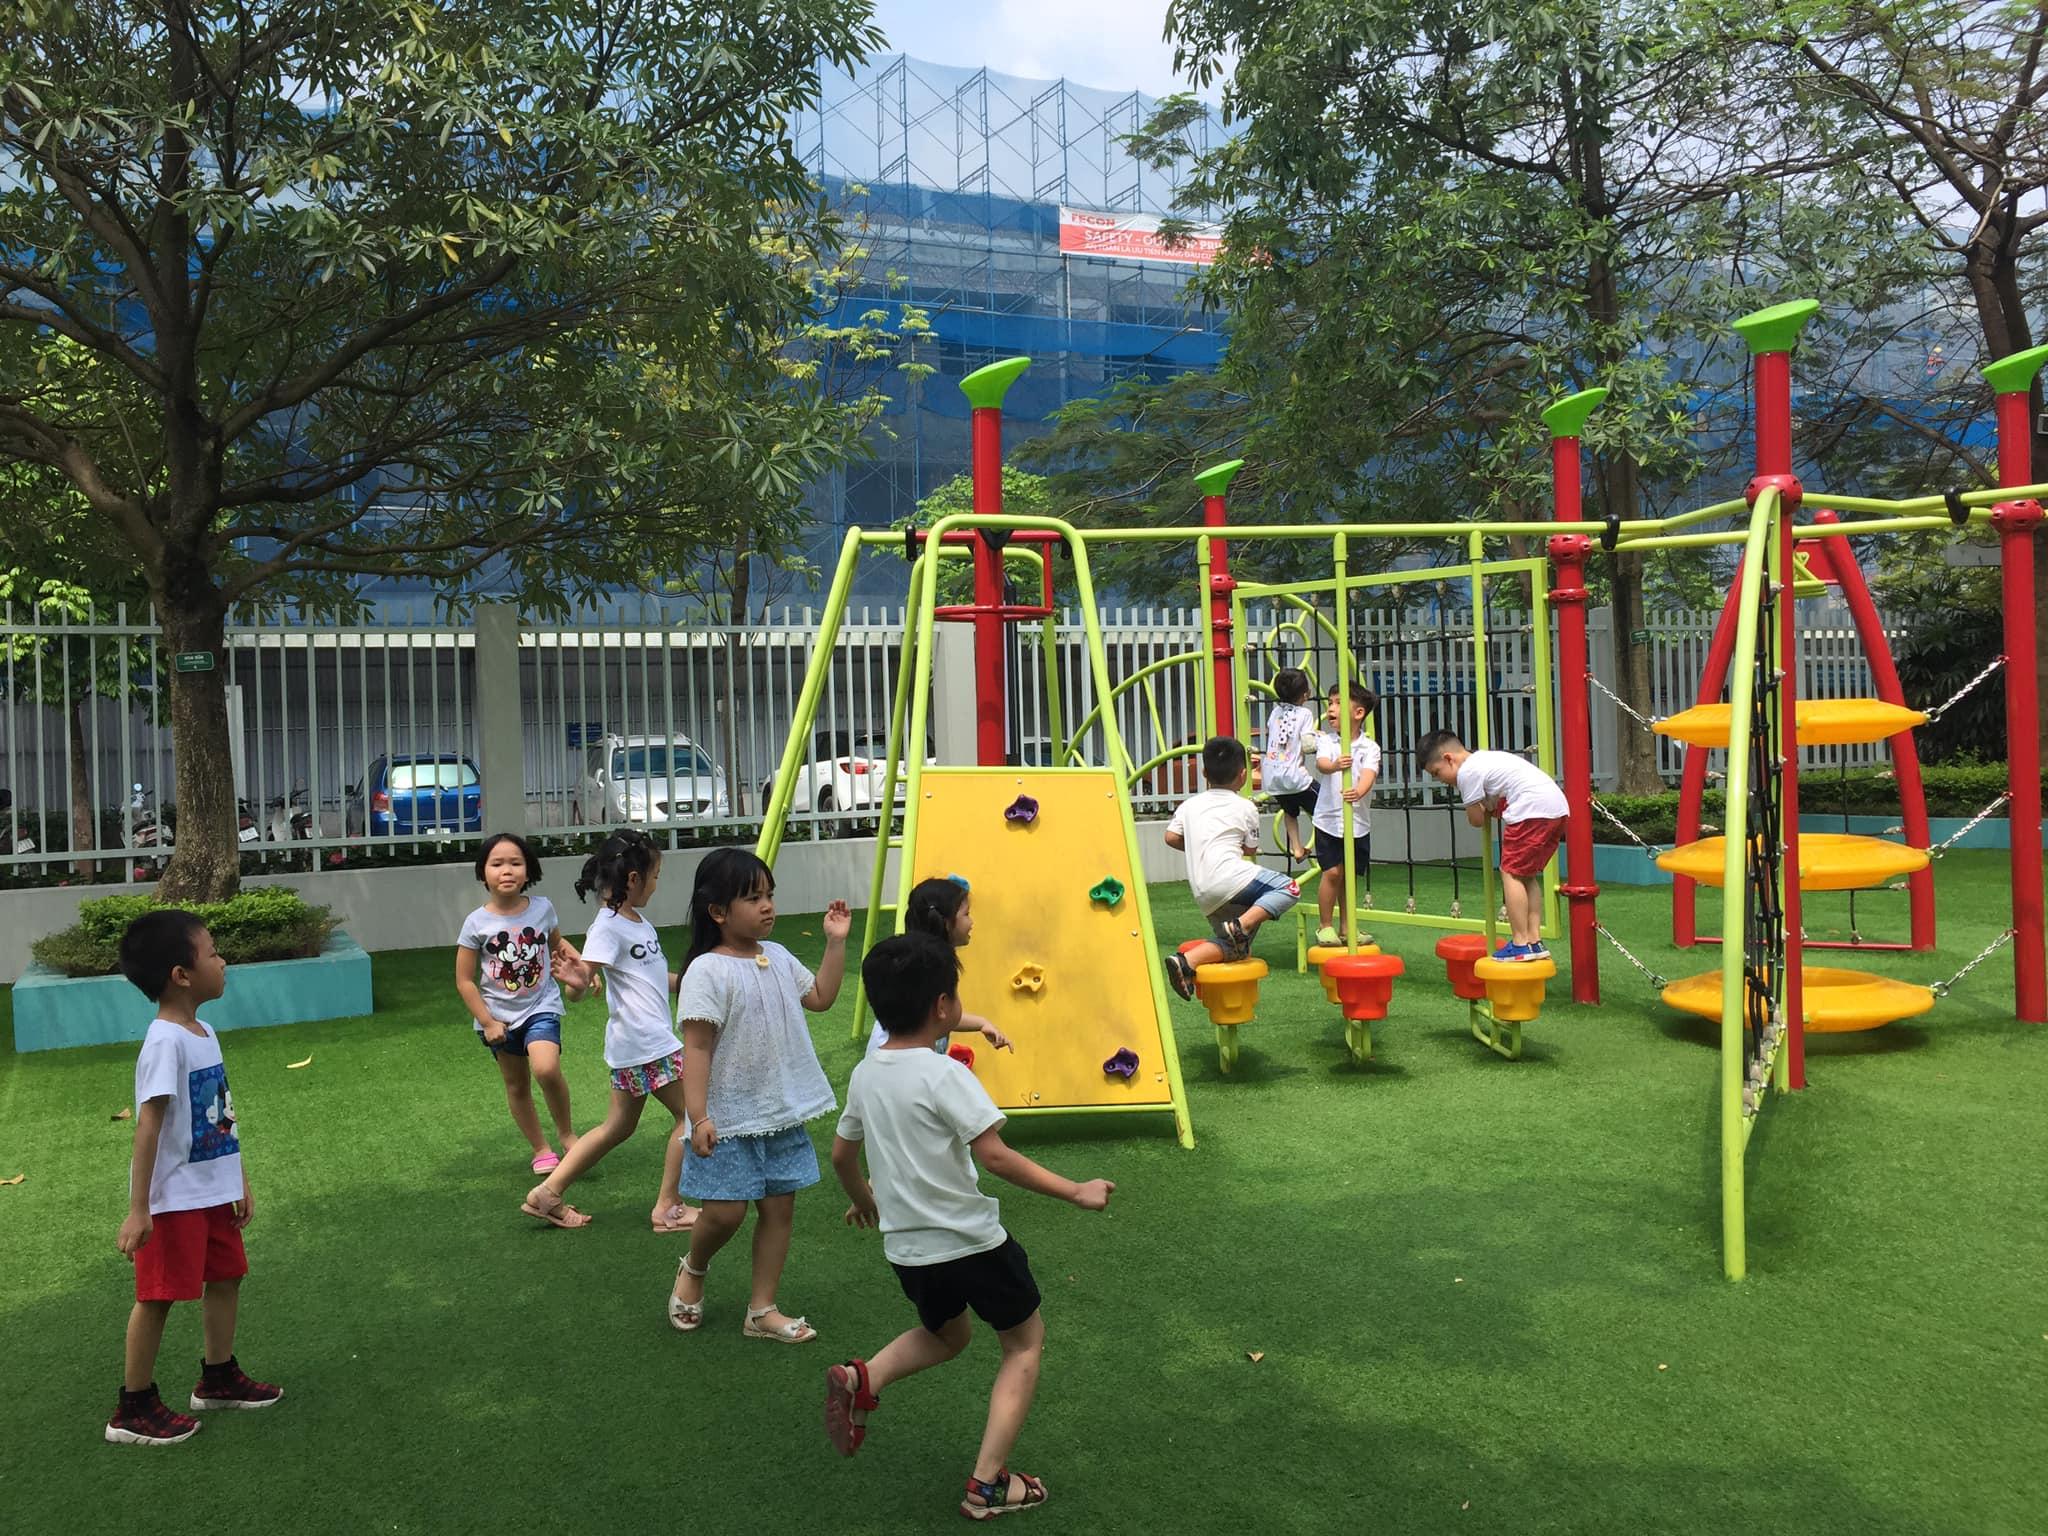 Trường mầm non Pink Sunshine Montessori PreSchool Cơ sở 4 - Ngô Thì Nhậm